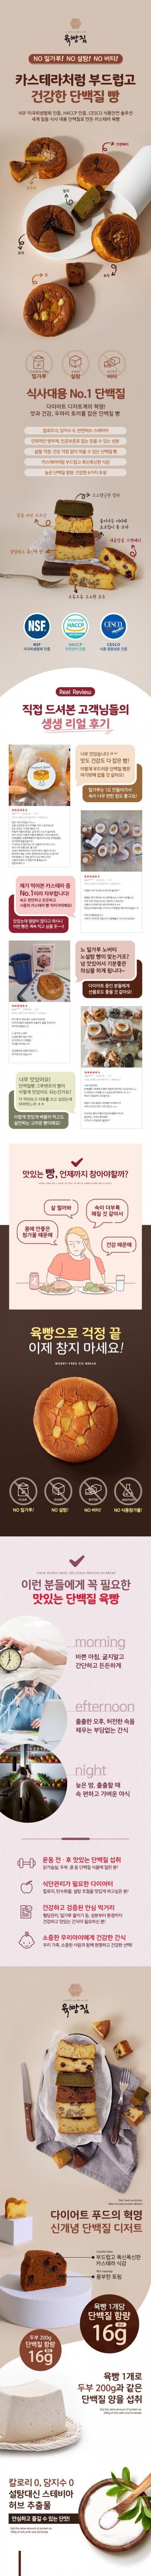 [D206]빵 상세페이지 제작 + 촬영